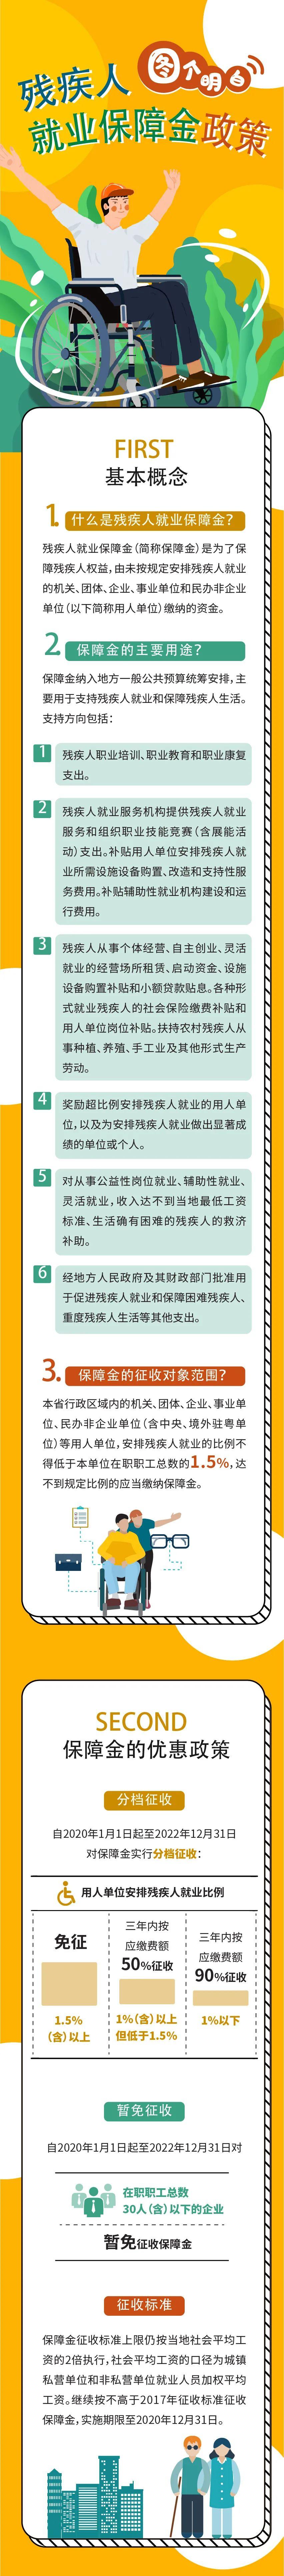 """【一图读懂】2020年广东企业残疾人就业保障金政策""""图""""个明白!插图(1)"""